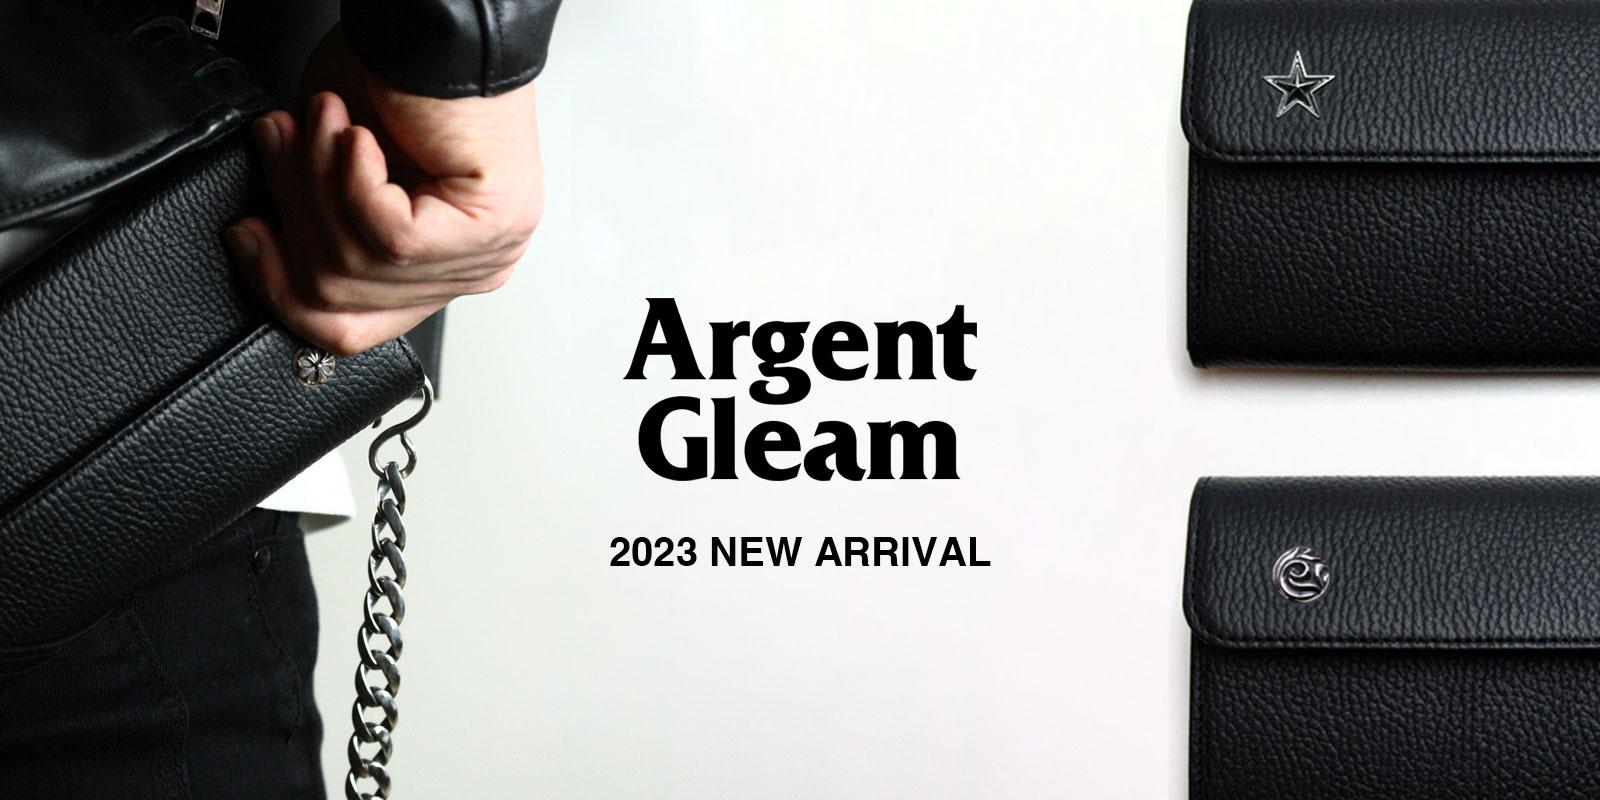 ArgentGleam